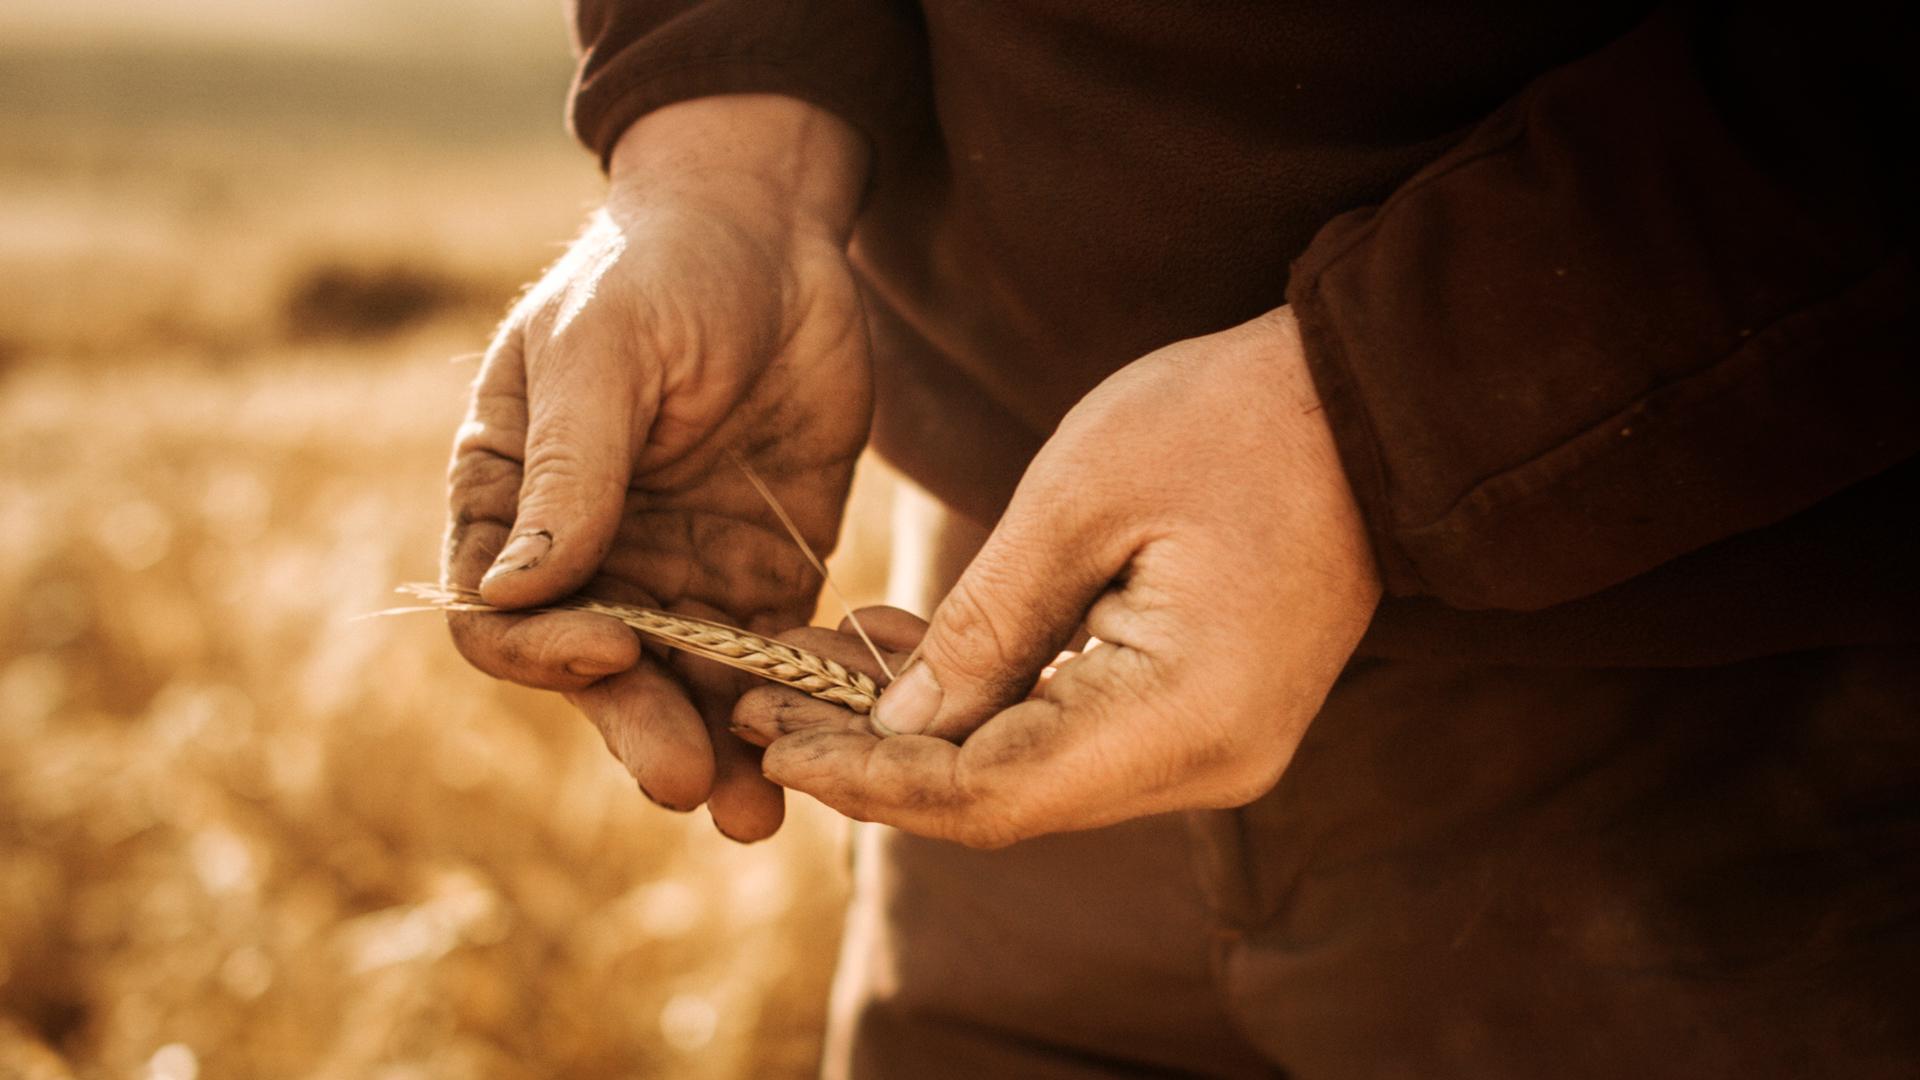 Hand_Barley.jpg